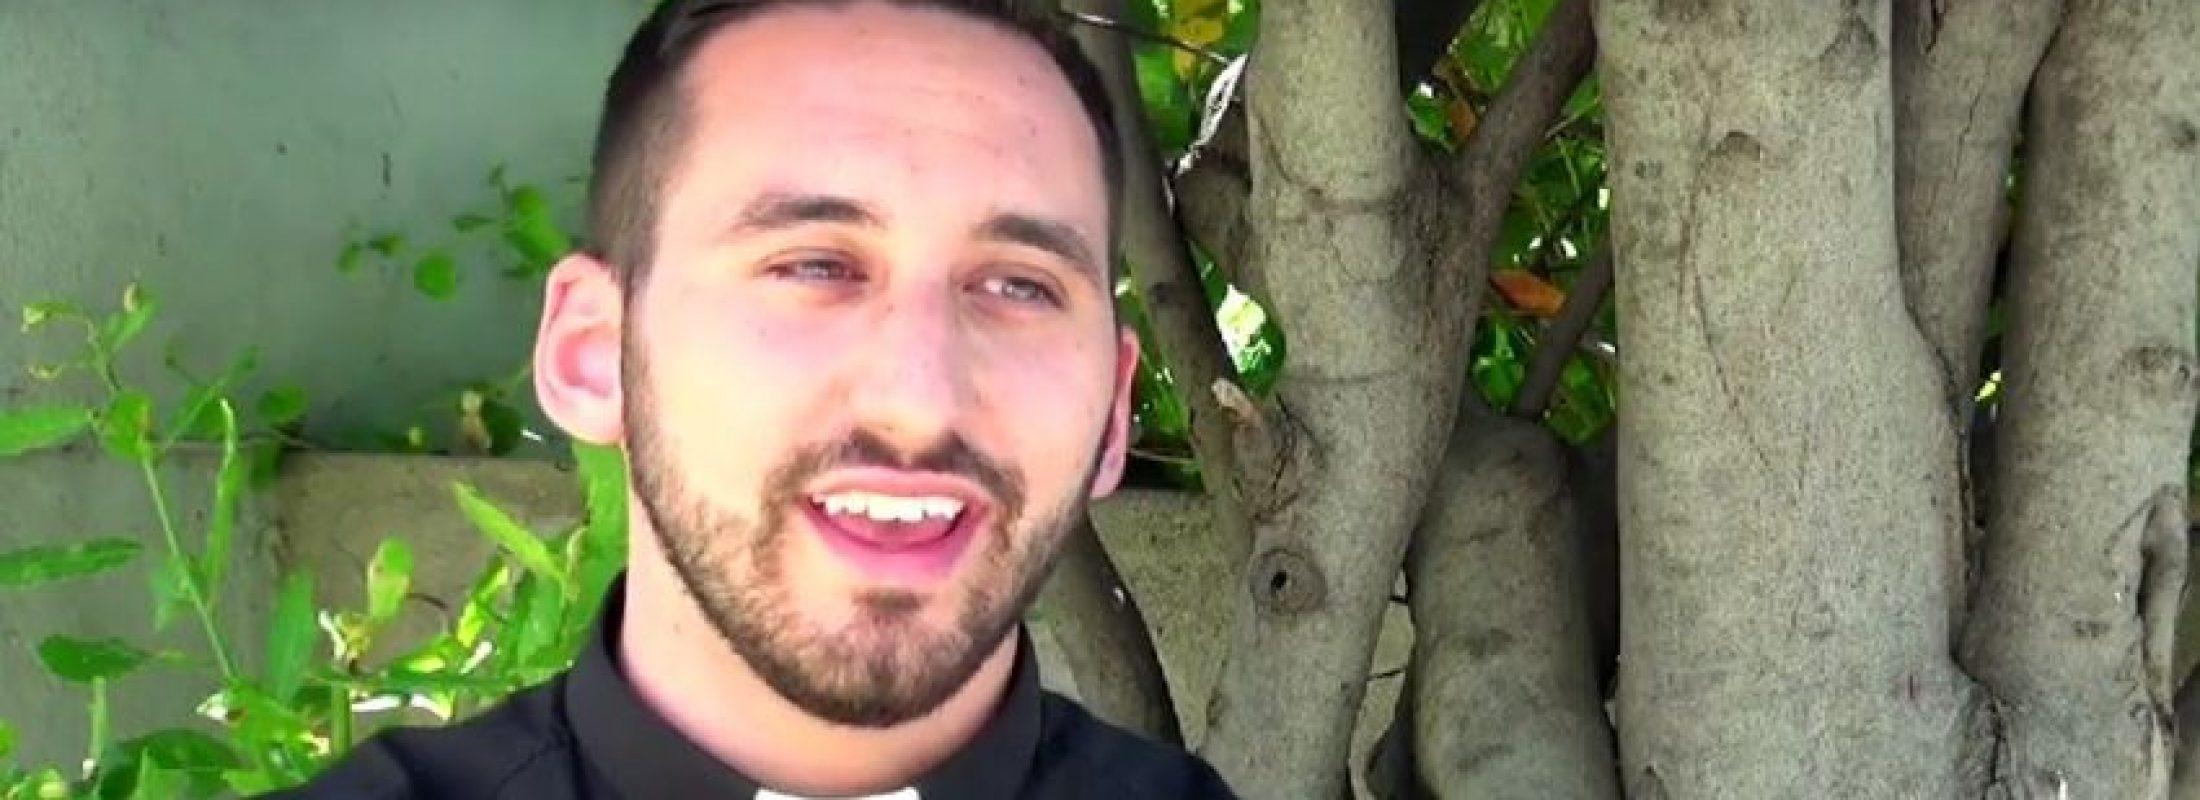 [VIDEO] El Rosario, luz que orienta al seminarista